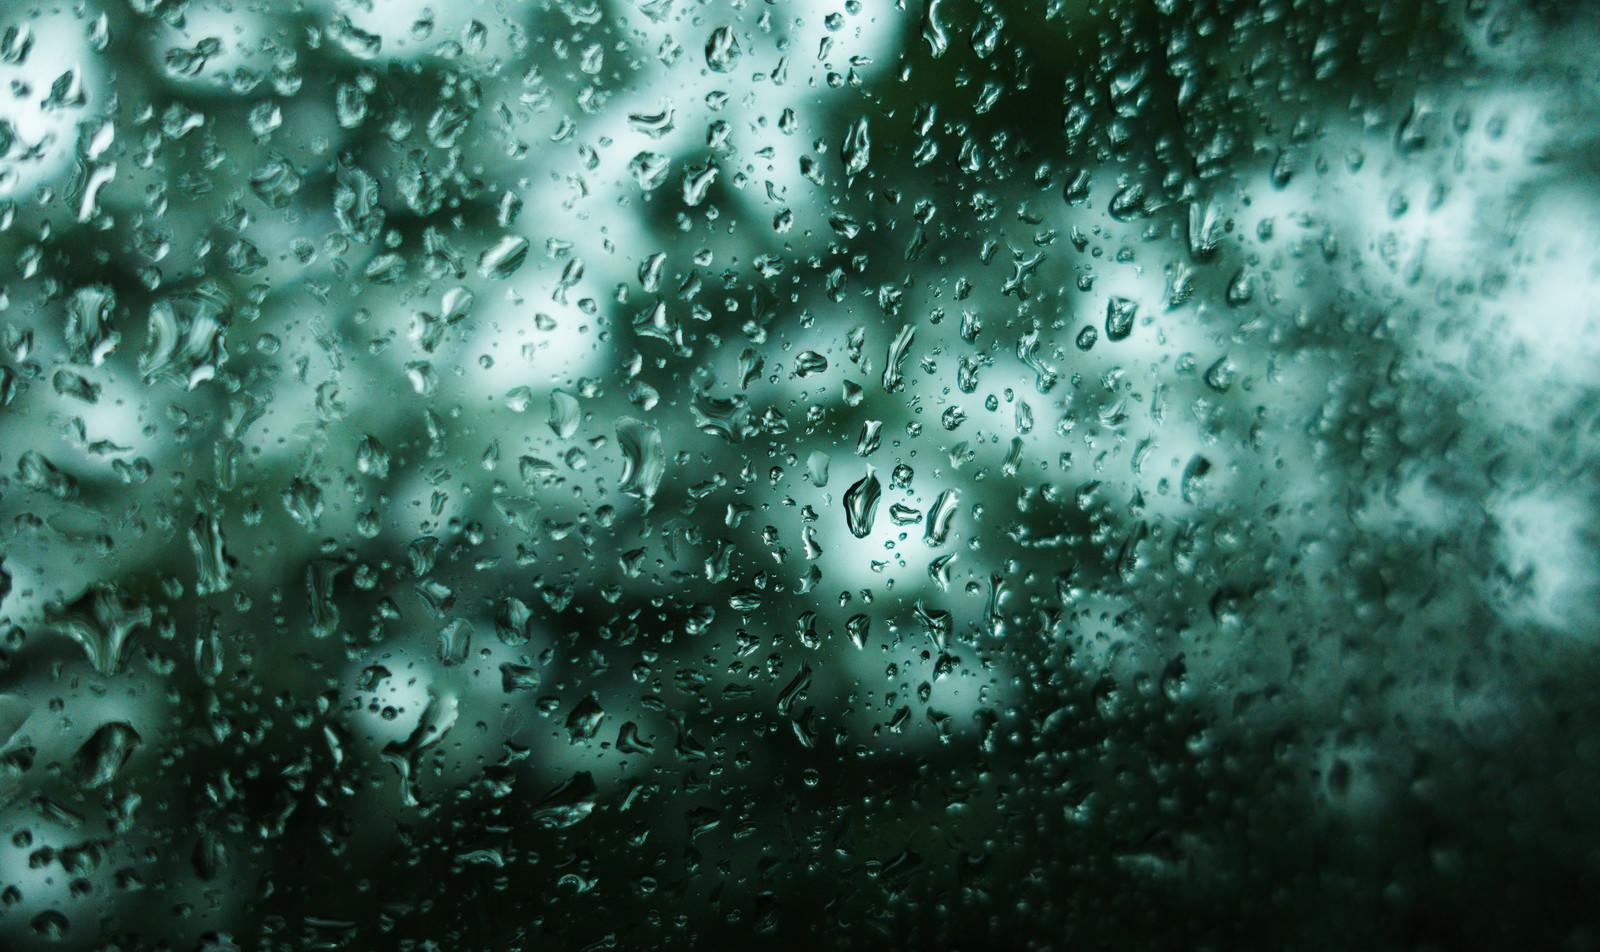 「不穏な雨(深い森の中を走る窓ガラスの水滴)」の写真